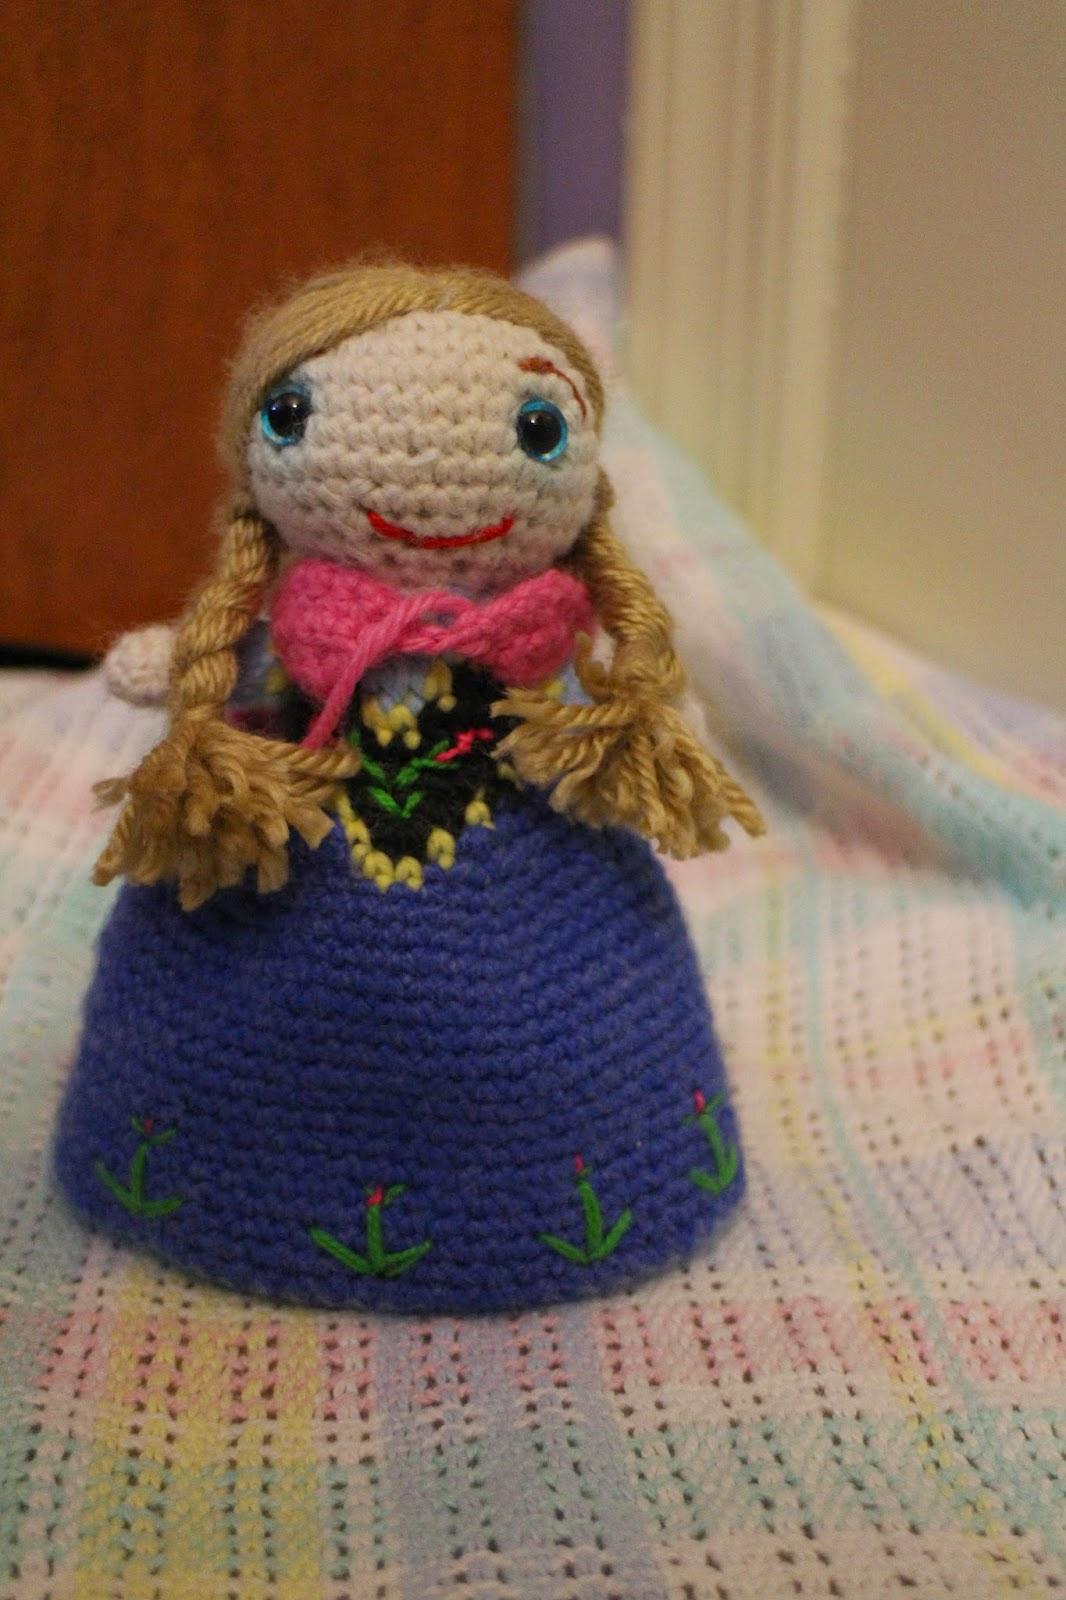 Frozen 2 Elsa Crochet Pattern | Frozen crochet, Crochet frozen ... | 1600x1066